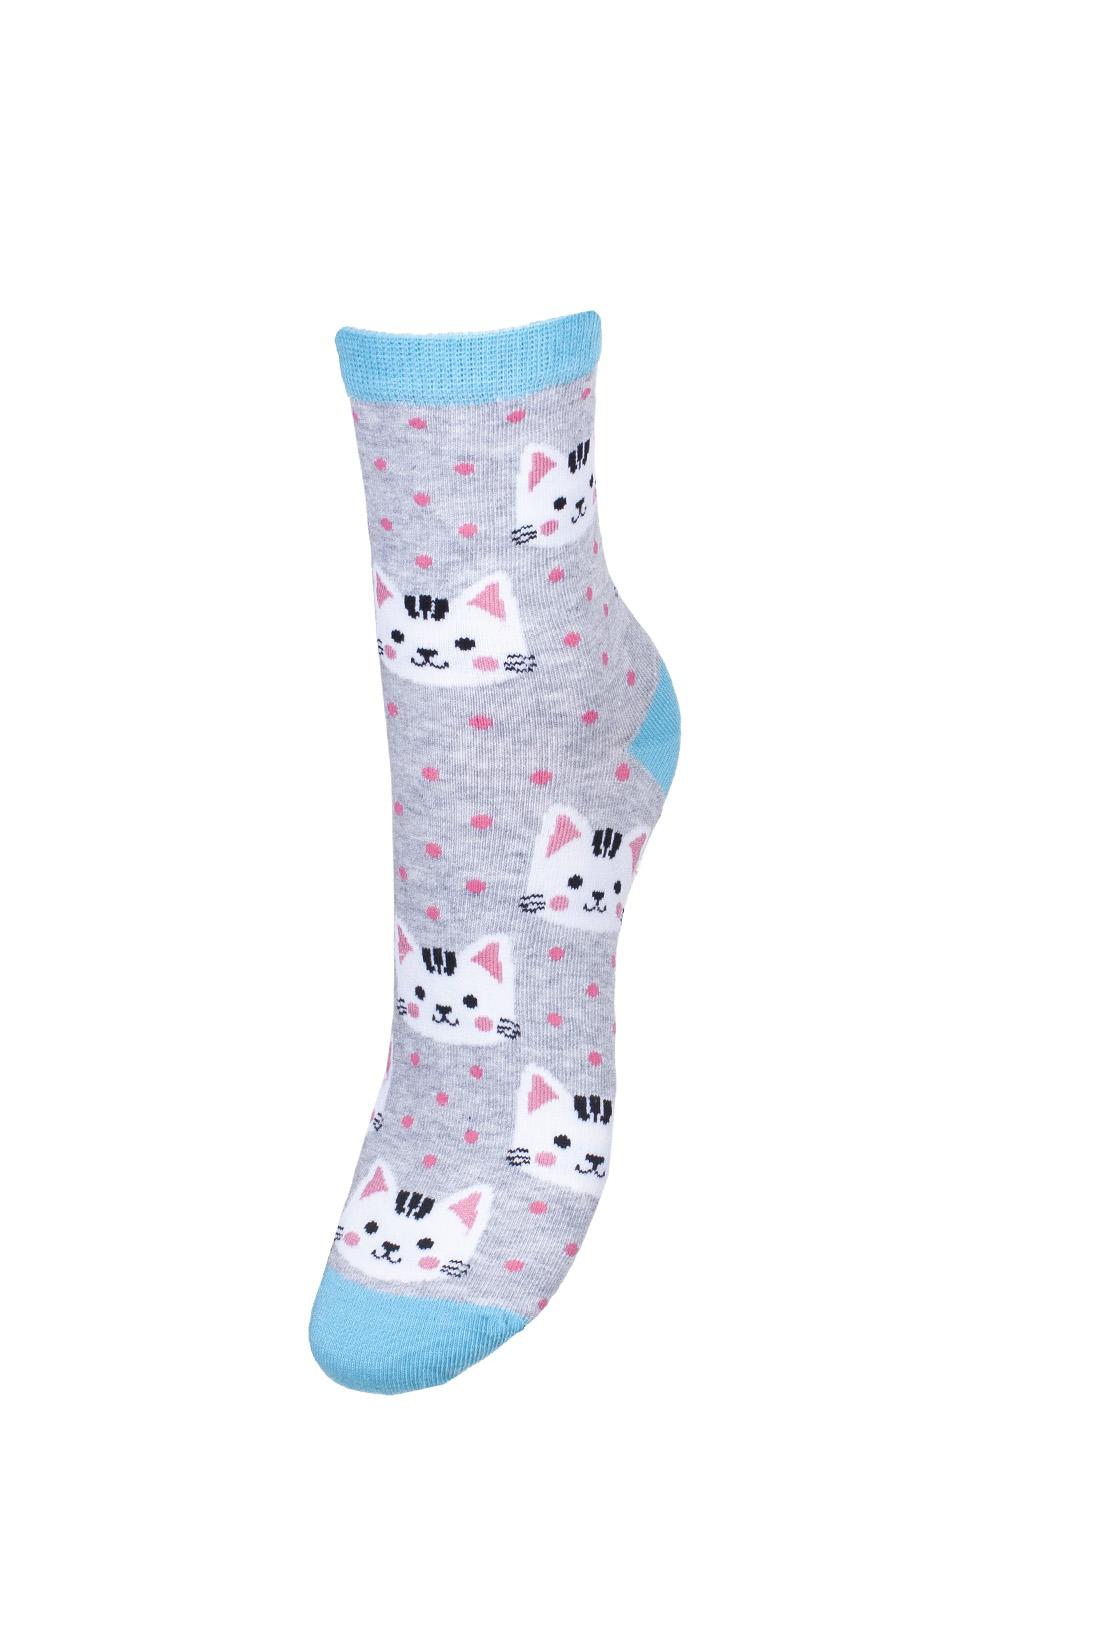 Kolorowe skarpetki damskie w kotki na szarym tle, różowe kropki z turkusowym wykończeniem